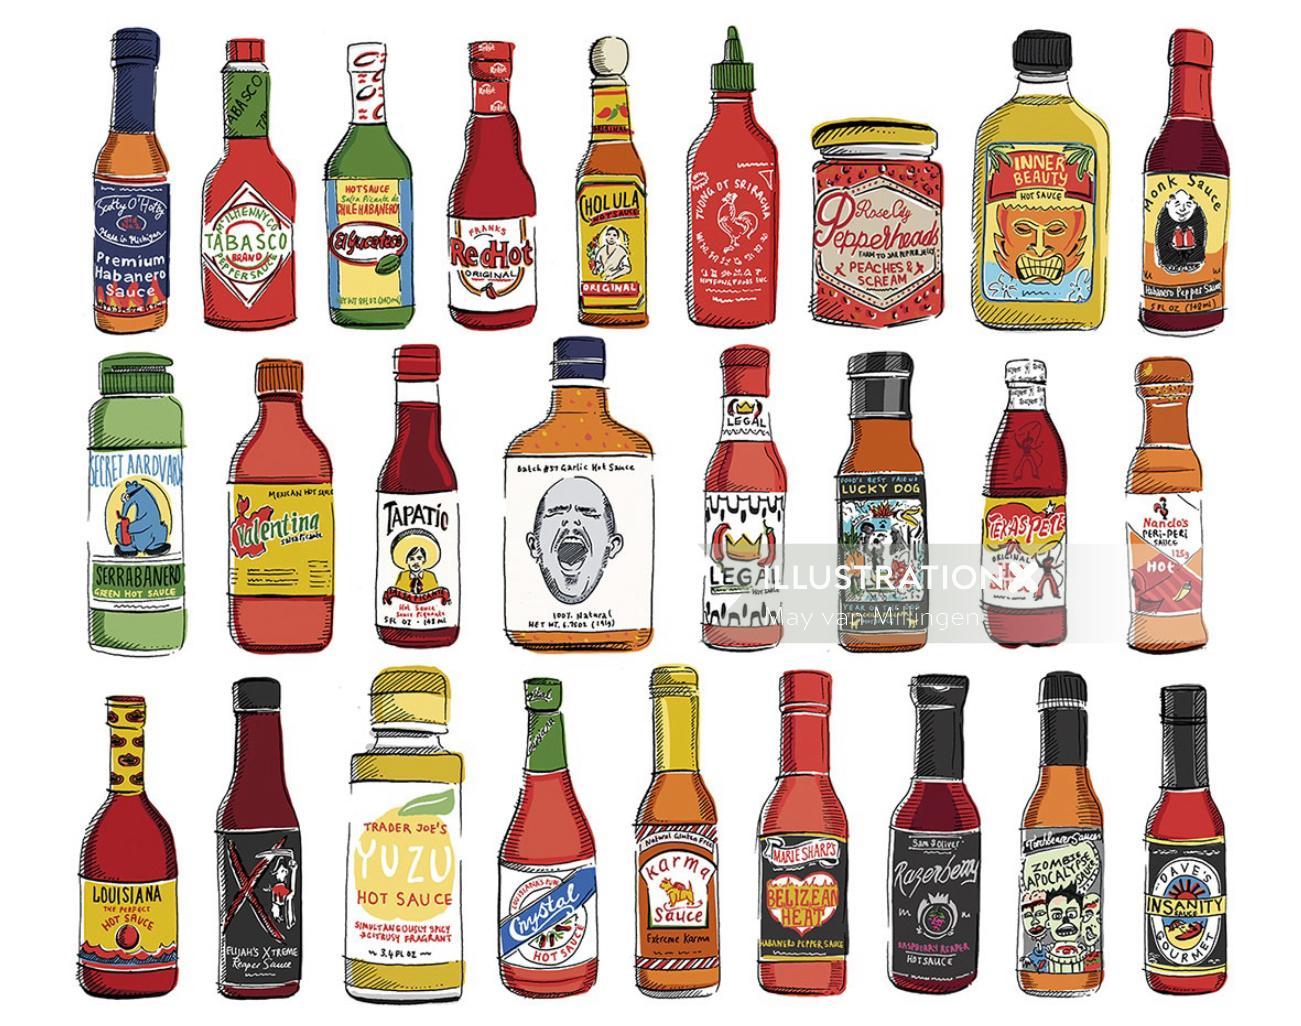 Hot Sauces artwork by May Van Millingen